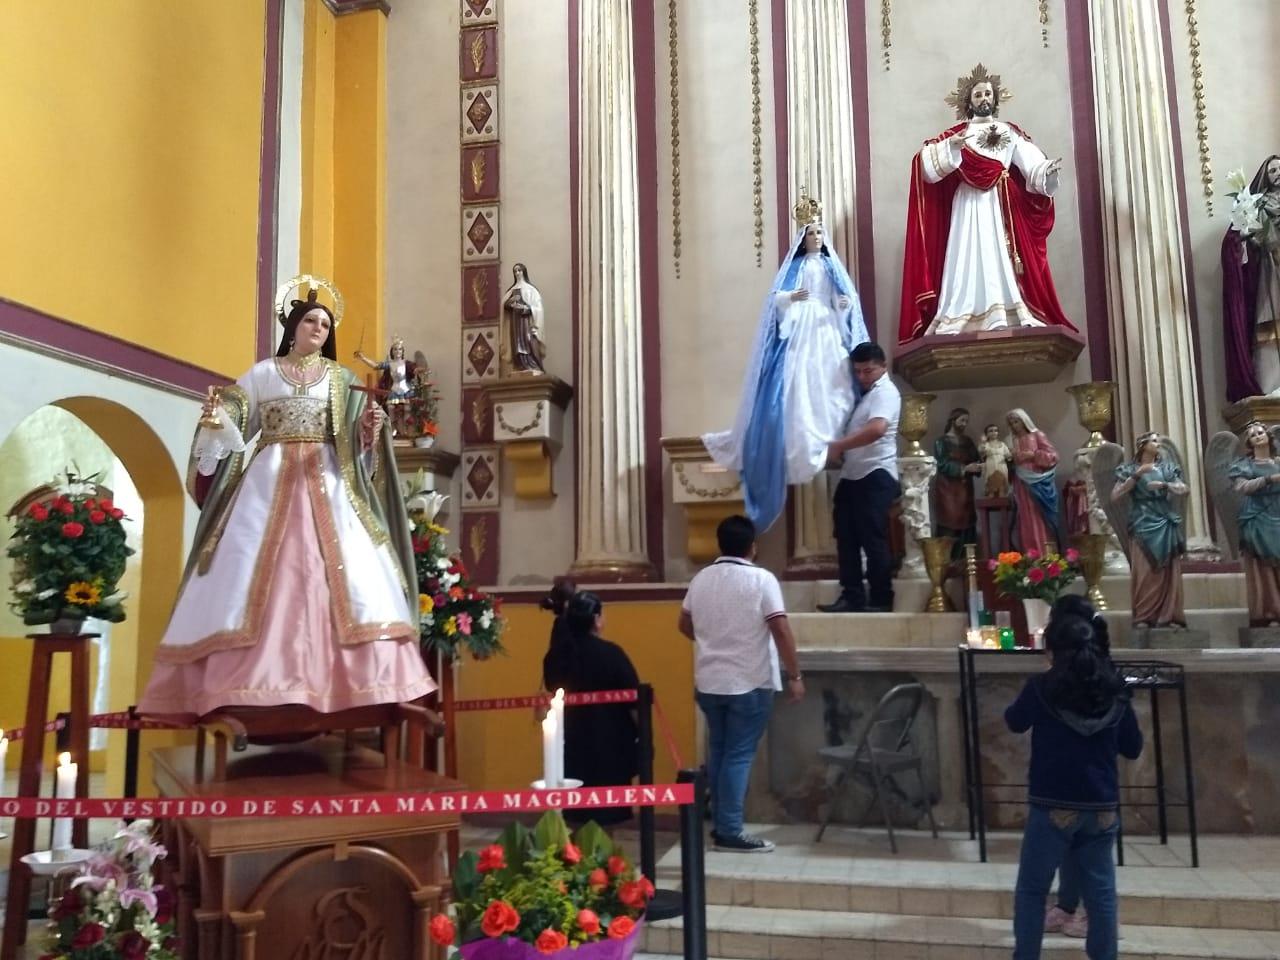 Fiestas tradicionales de Xico se mantienen con número limitado de feligreses y nueva tecnología